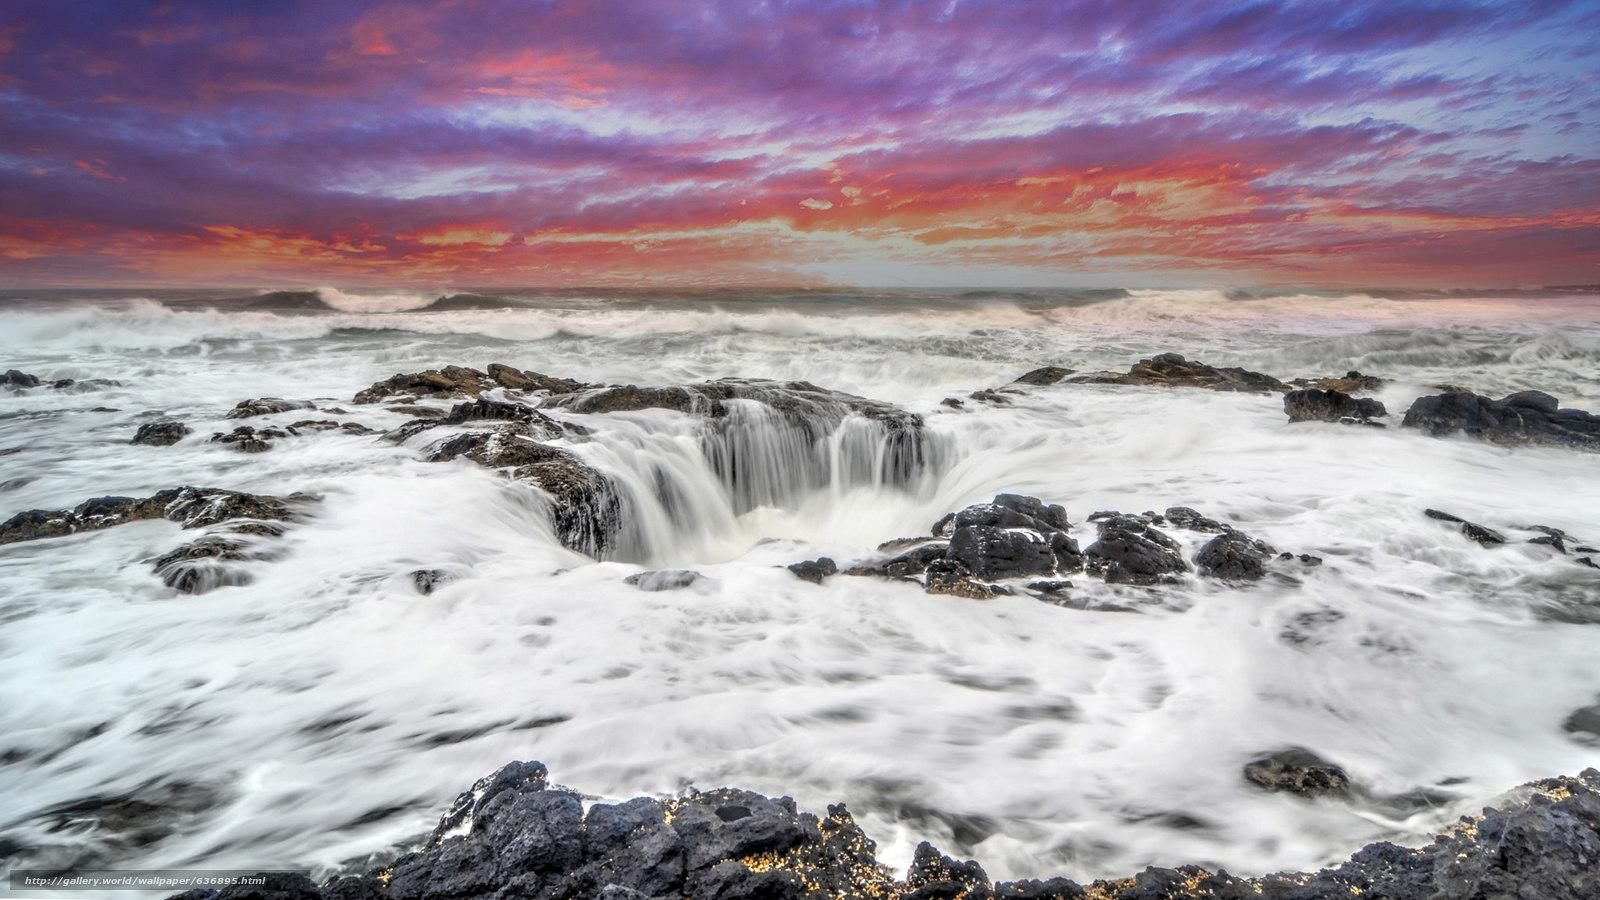 Скачать обои Thor's Well,  Sunset,  Cape Perpetua,  Oregon бесплатно для рабочего стола в разрешении 2048x1152 — картинка №636895